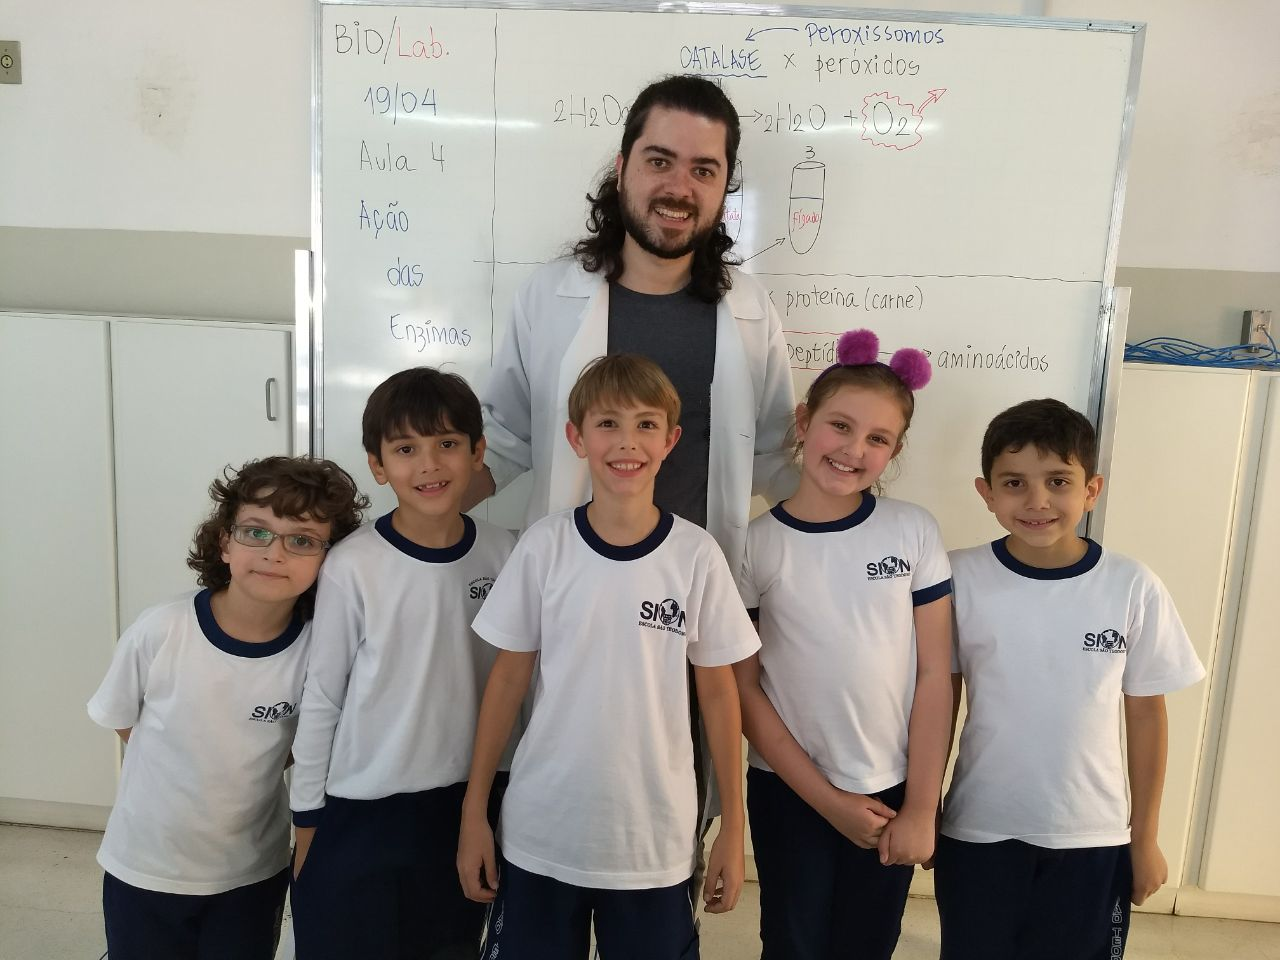 e63de3d714c Parabéns aos alunos do 3º ano B que participaram do Clube da Ciência no 1º  bimestre